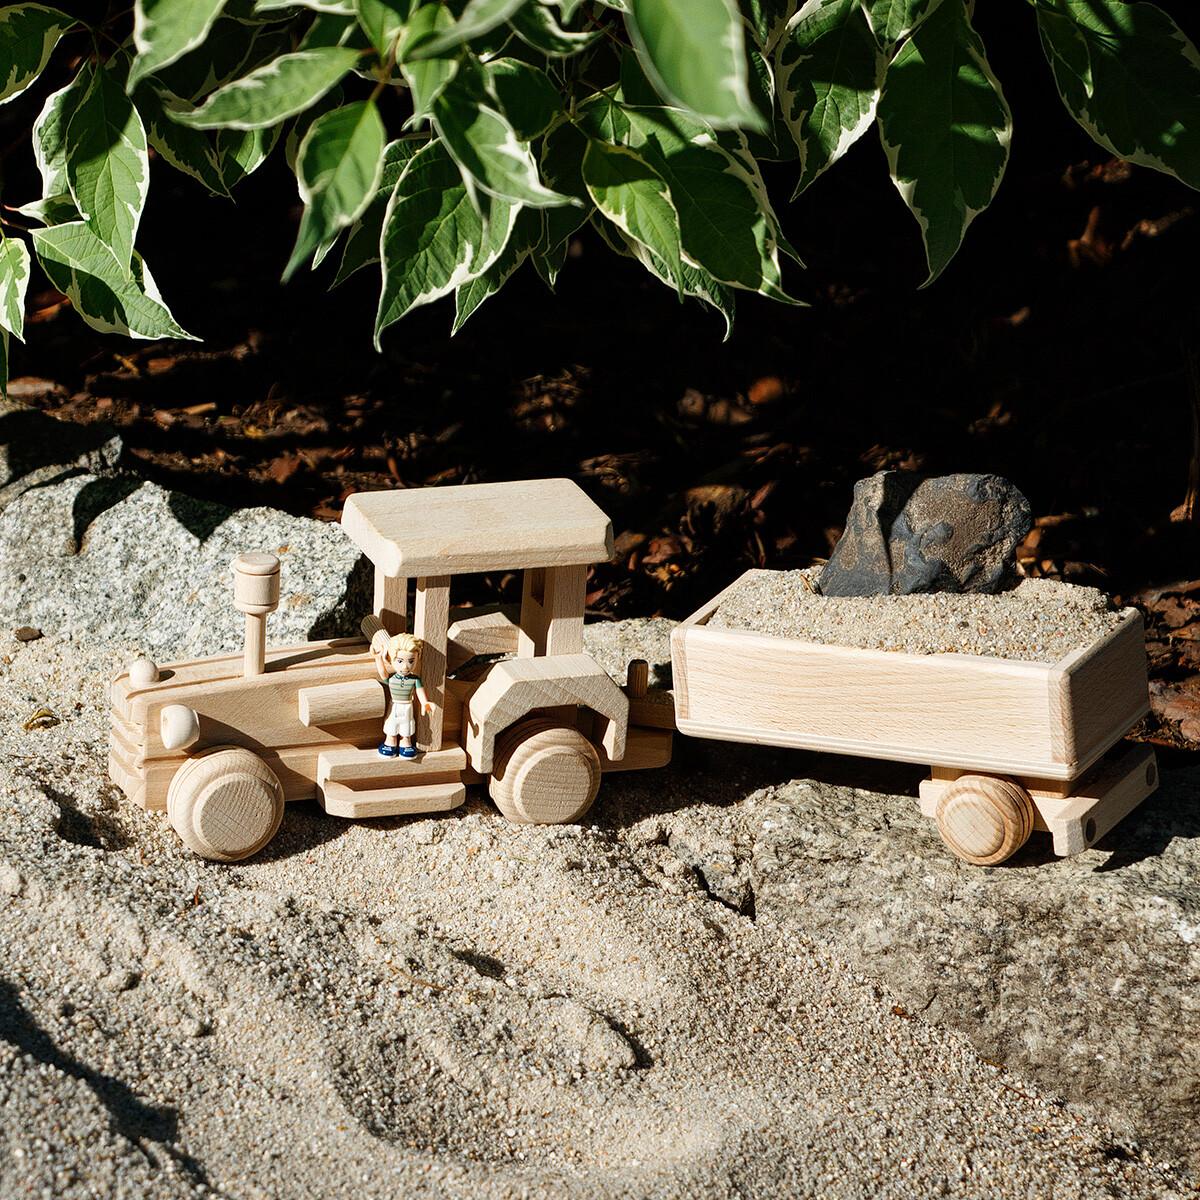 Traktor trecker anhänger landwirtschaftstraktor spielzeug